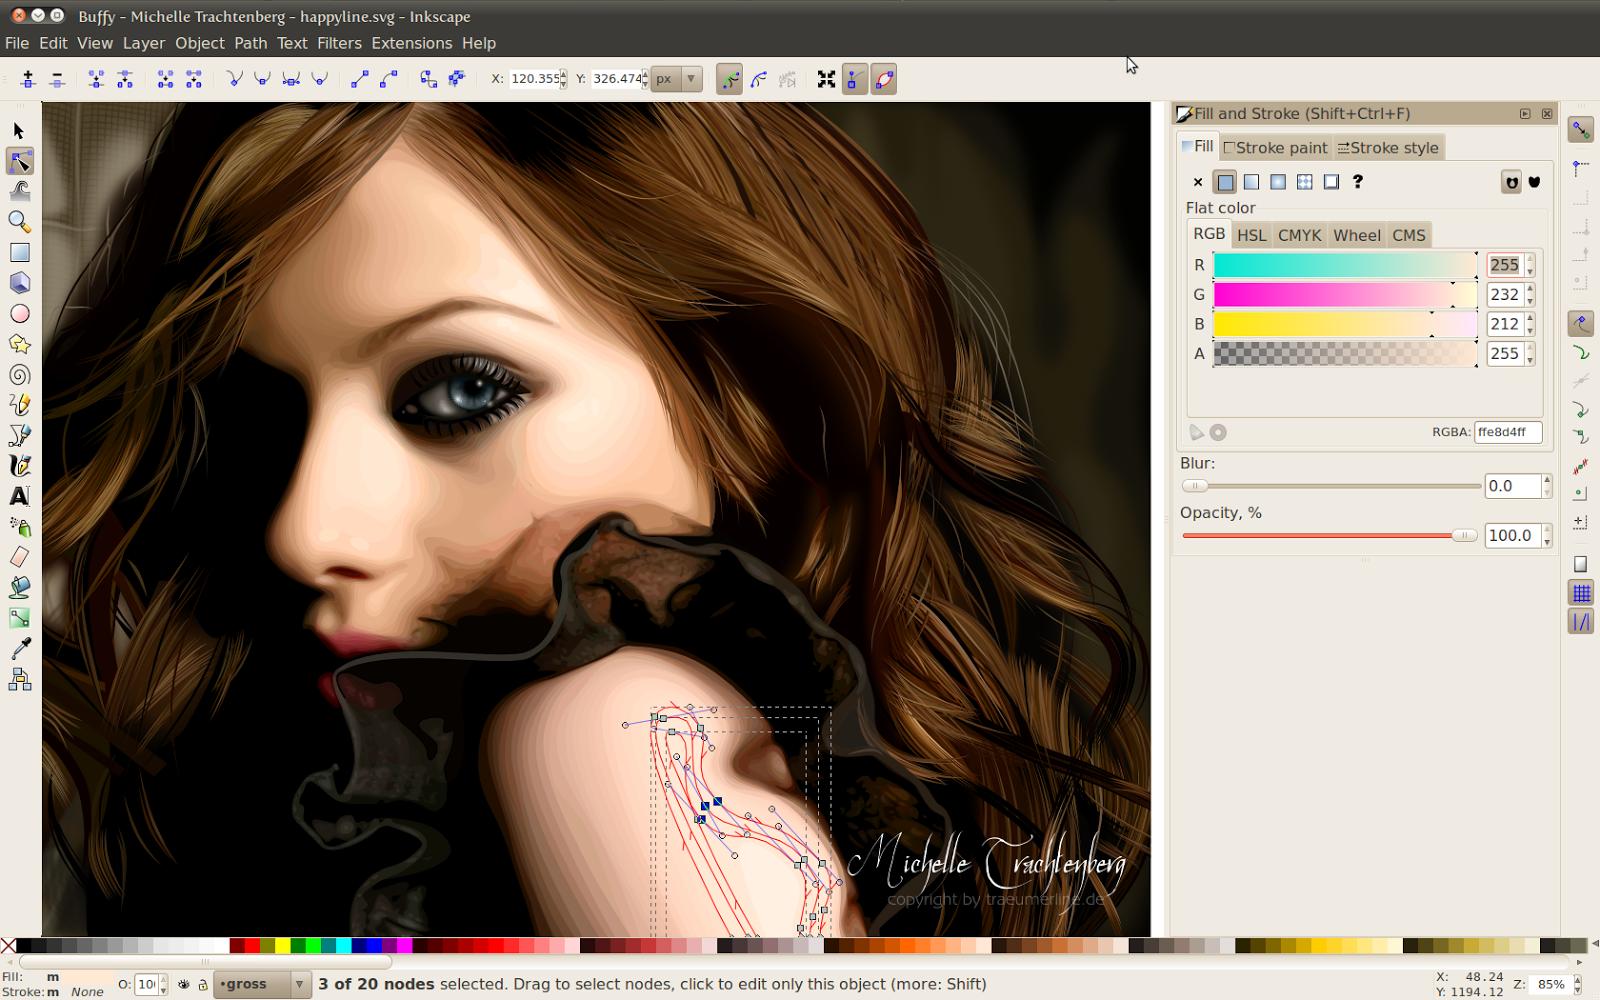 Curso gr tis de sublima o e filmes de recorte inkscape Inkscape software